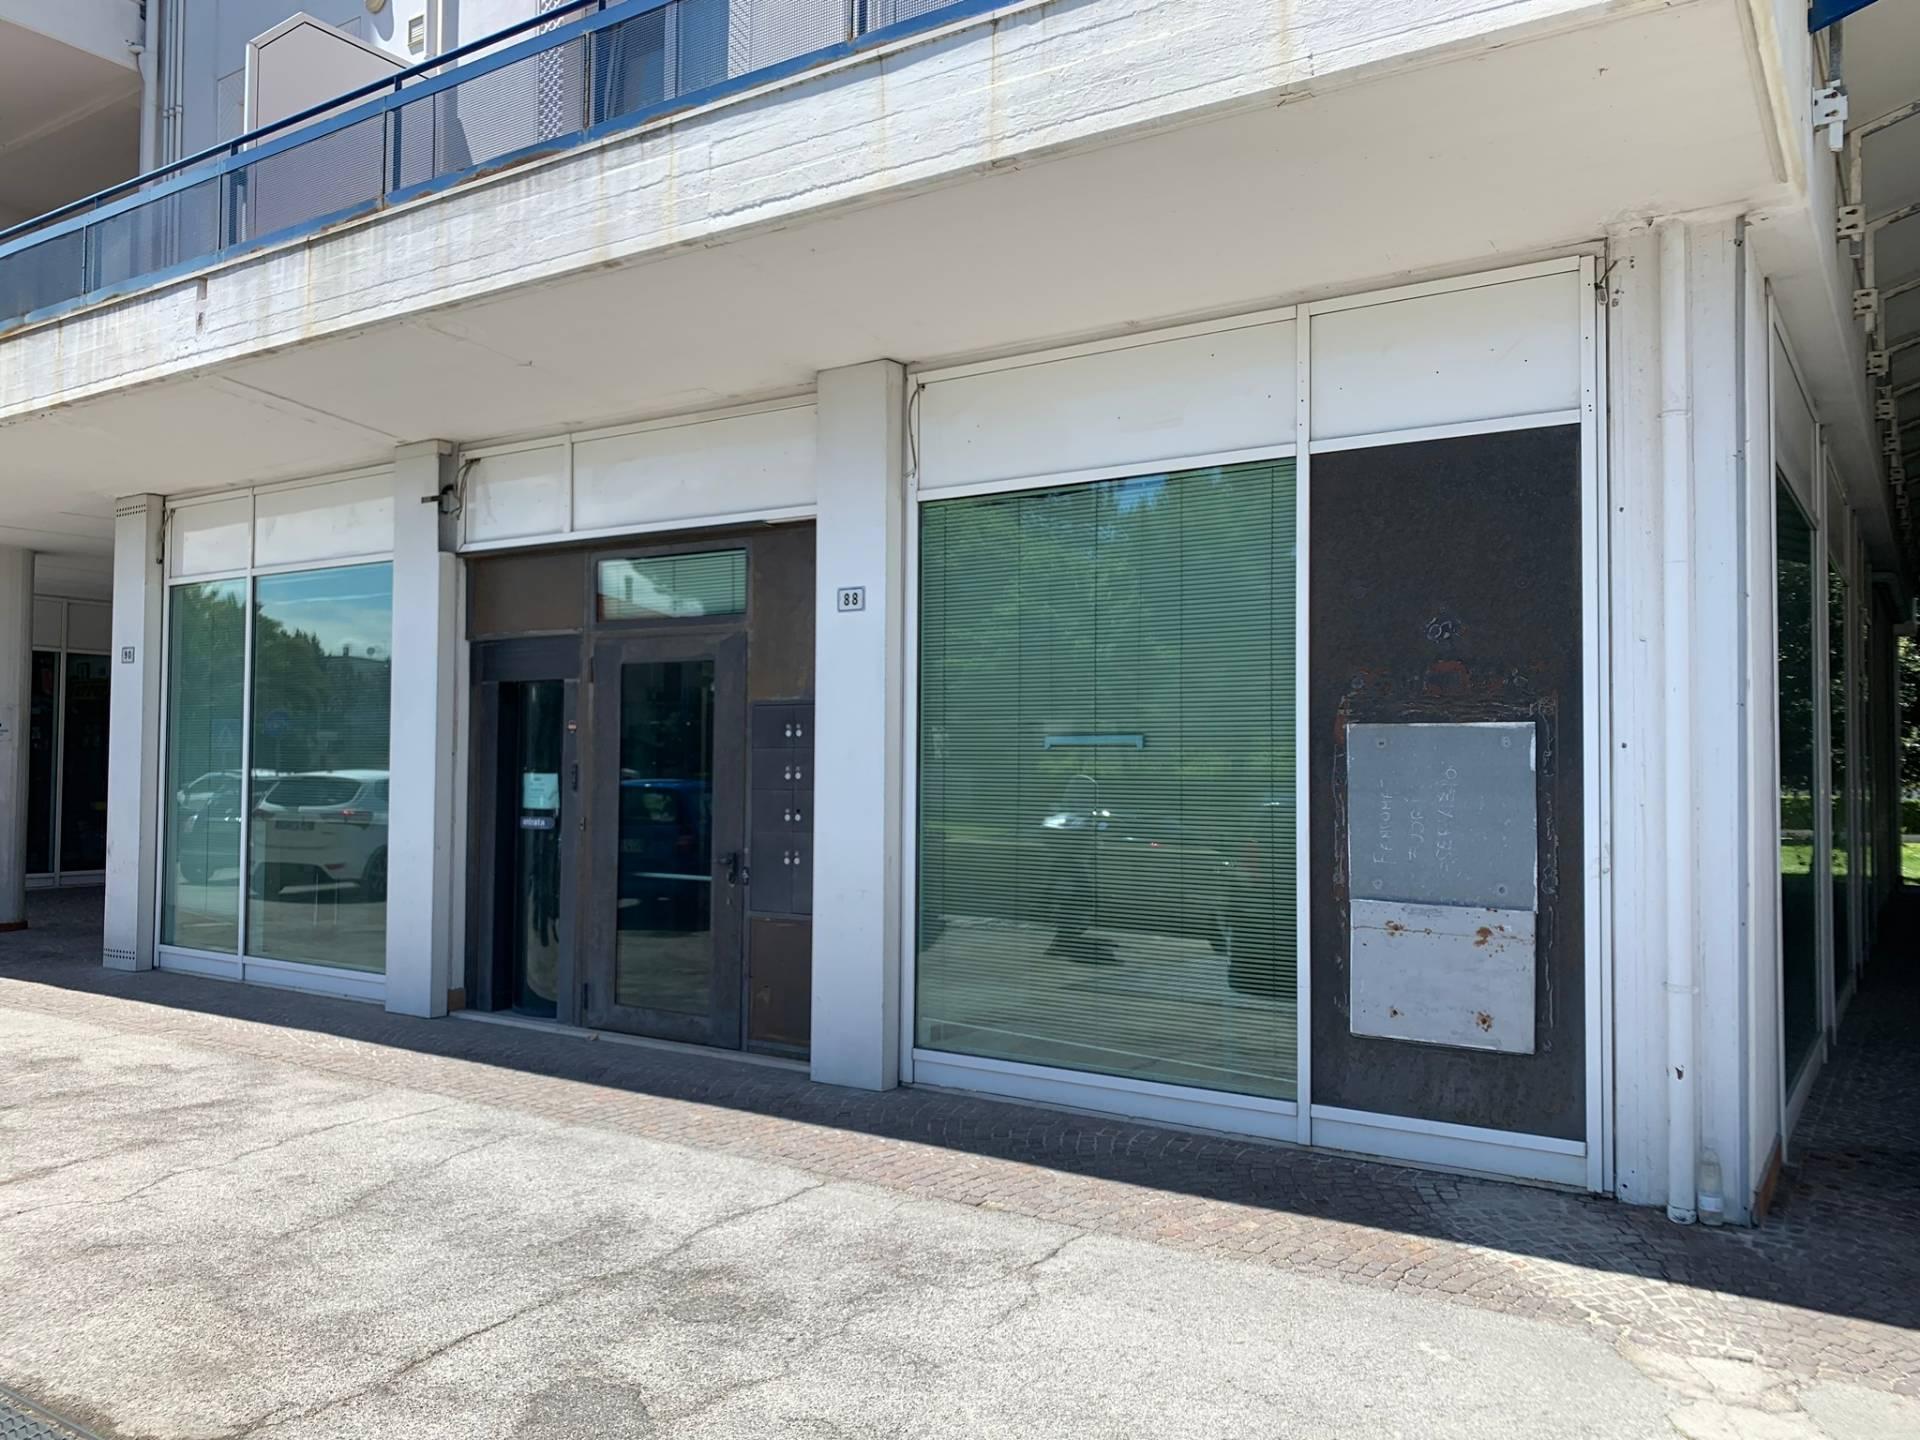 Negozio / Locale in affitto a Pesaro, 9999 locali, zona Zona: Pantano, prezzo € 900   CambioCasa.it